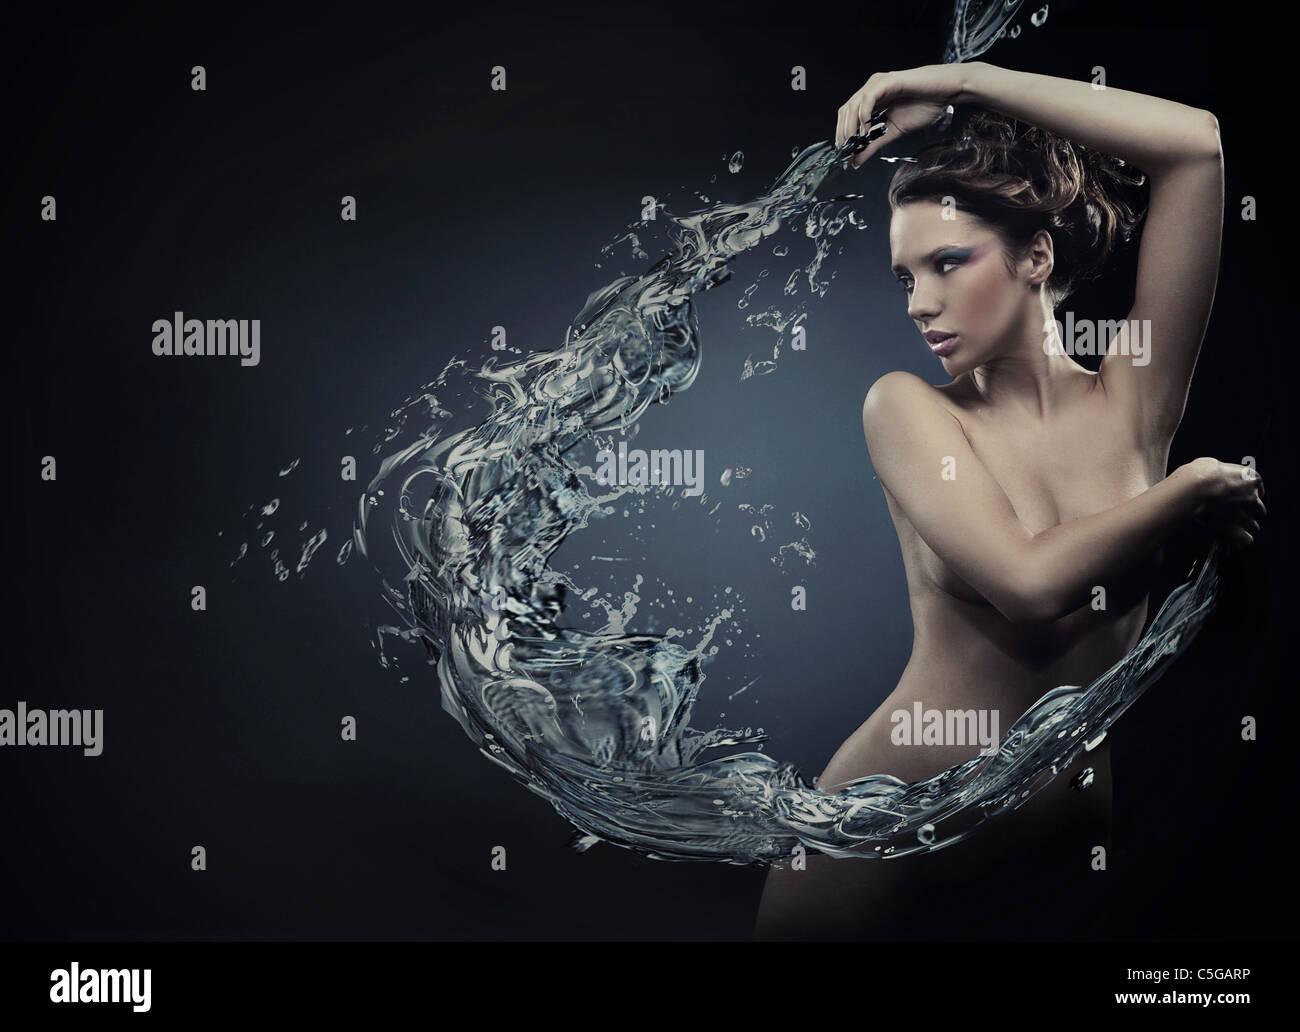 Belleza joven bailando con salpicaduras de agua Imagen De Stock